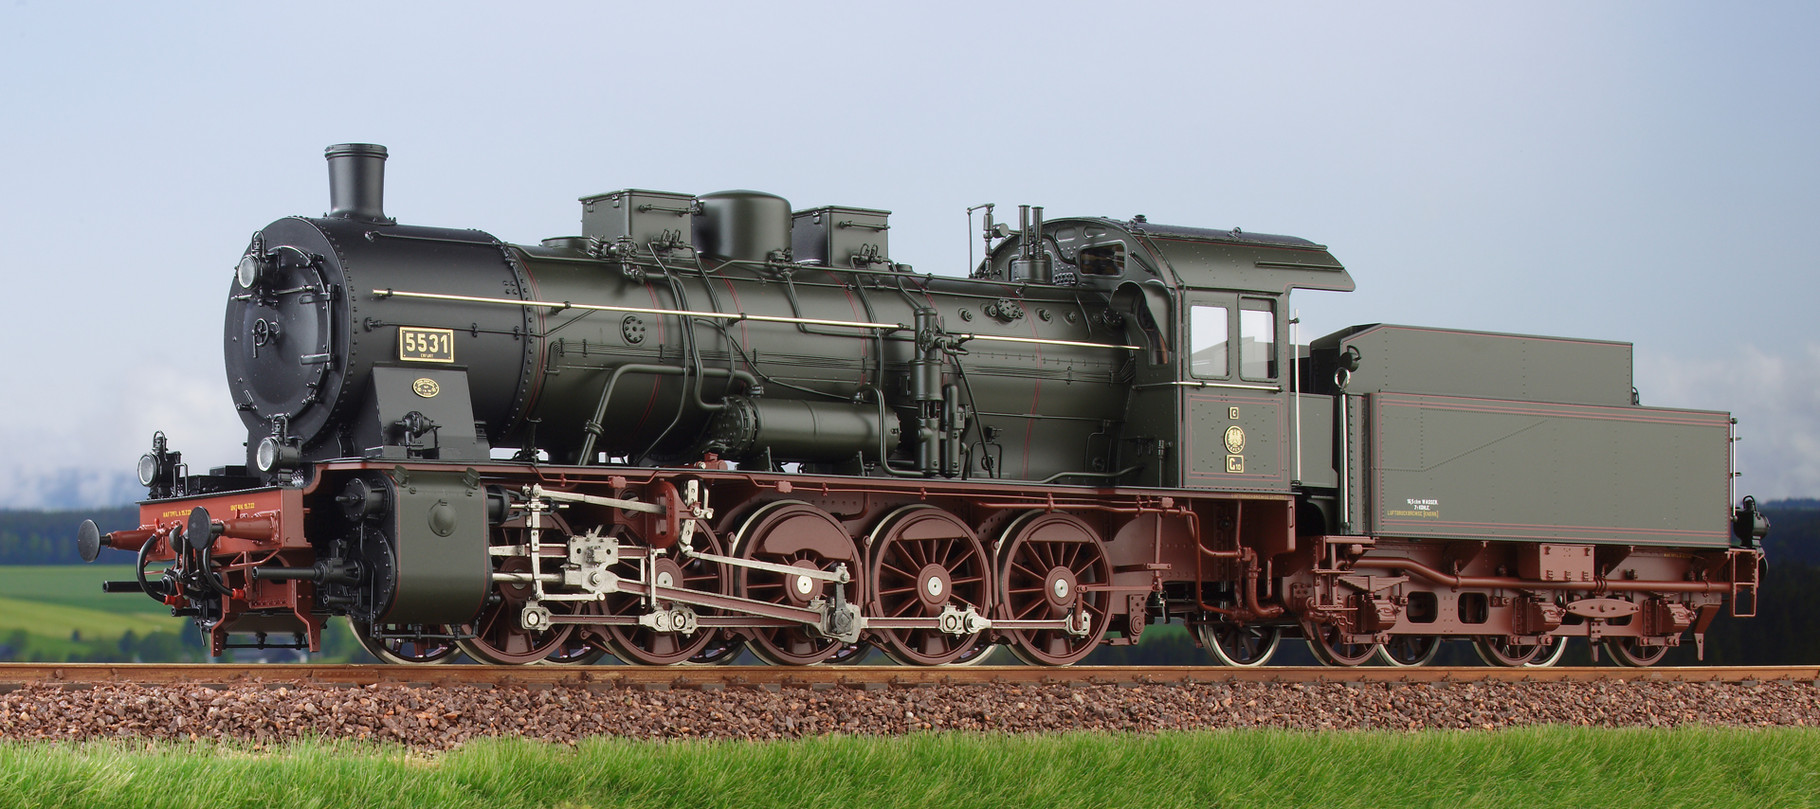 Spur 0 Baureihe 57.10 preussische G10 Lokomotive Nr. 5531 Erfurt Epoche I